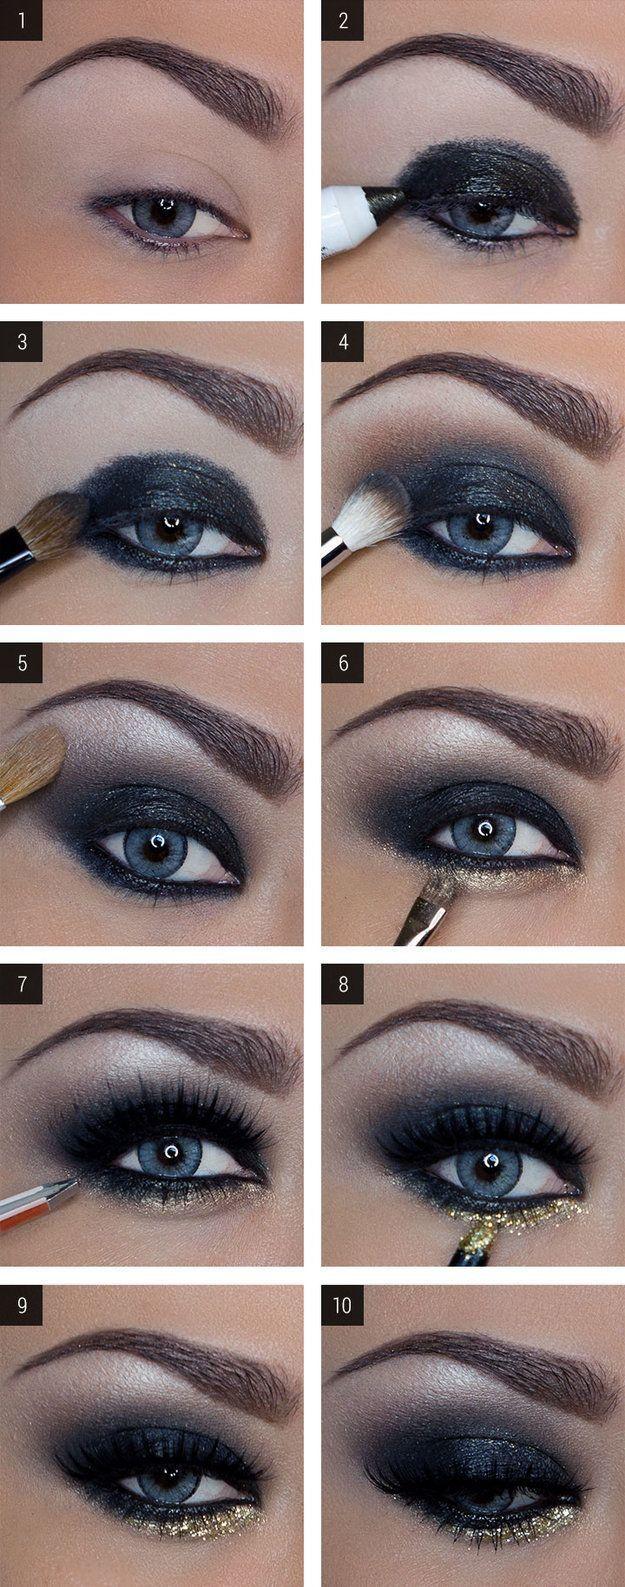 Tendance Maquillage Yeux 2017 / 2018   Comment faire des yeux Smokey dramatiques | Maquillage pour Blue Eye par Makeup Tutorials at www .